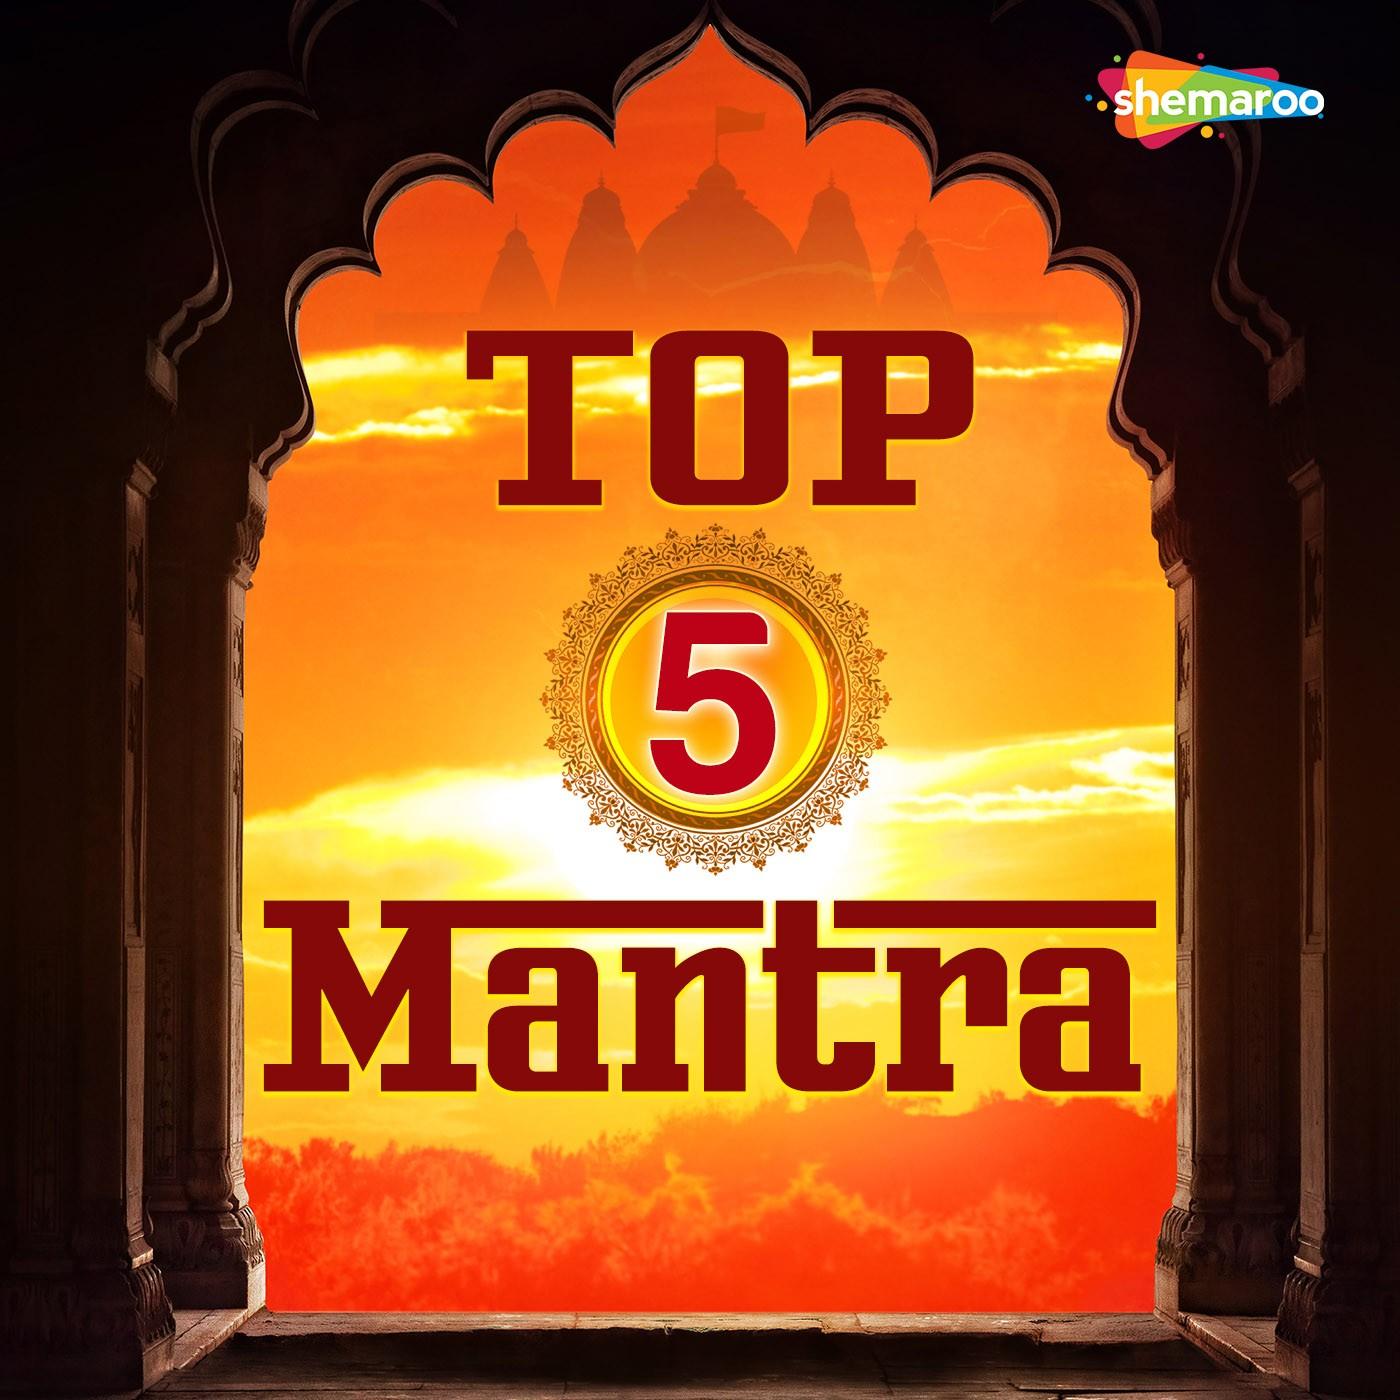 Aadinathay Mantra